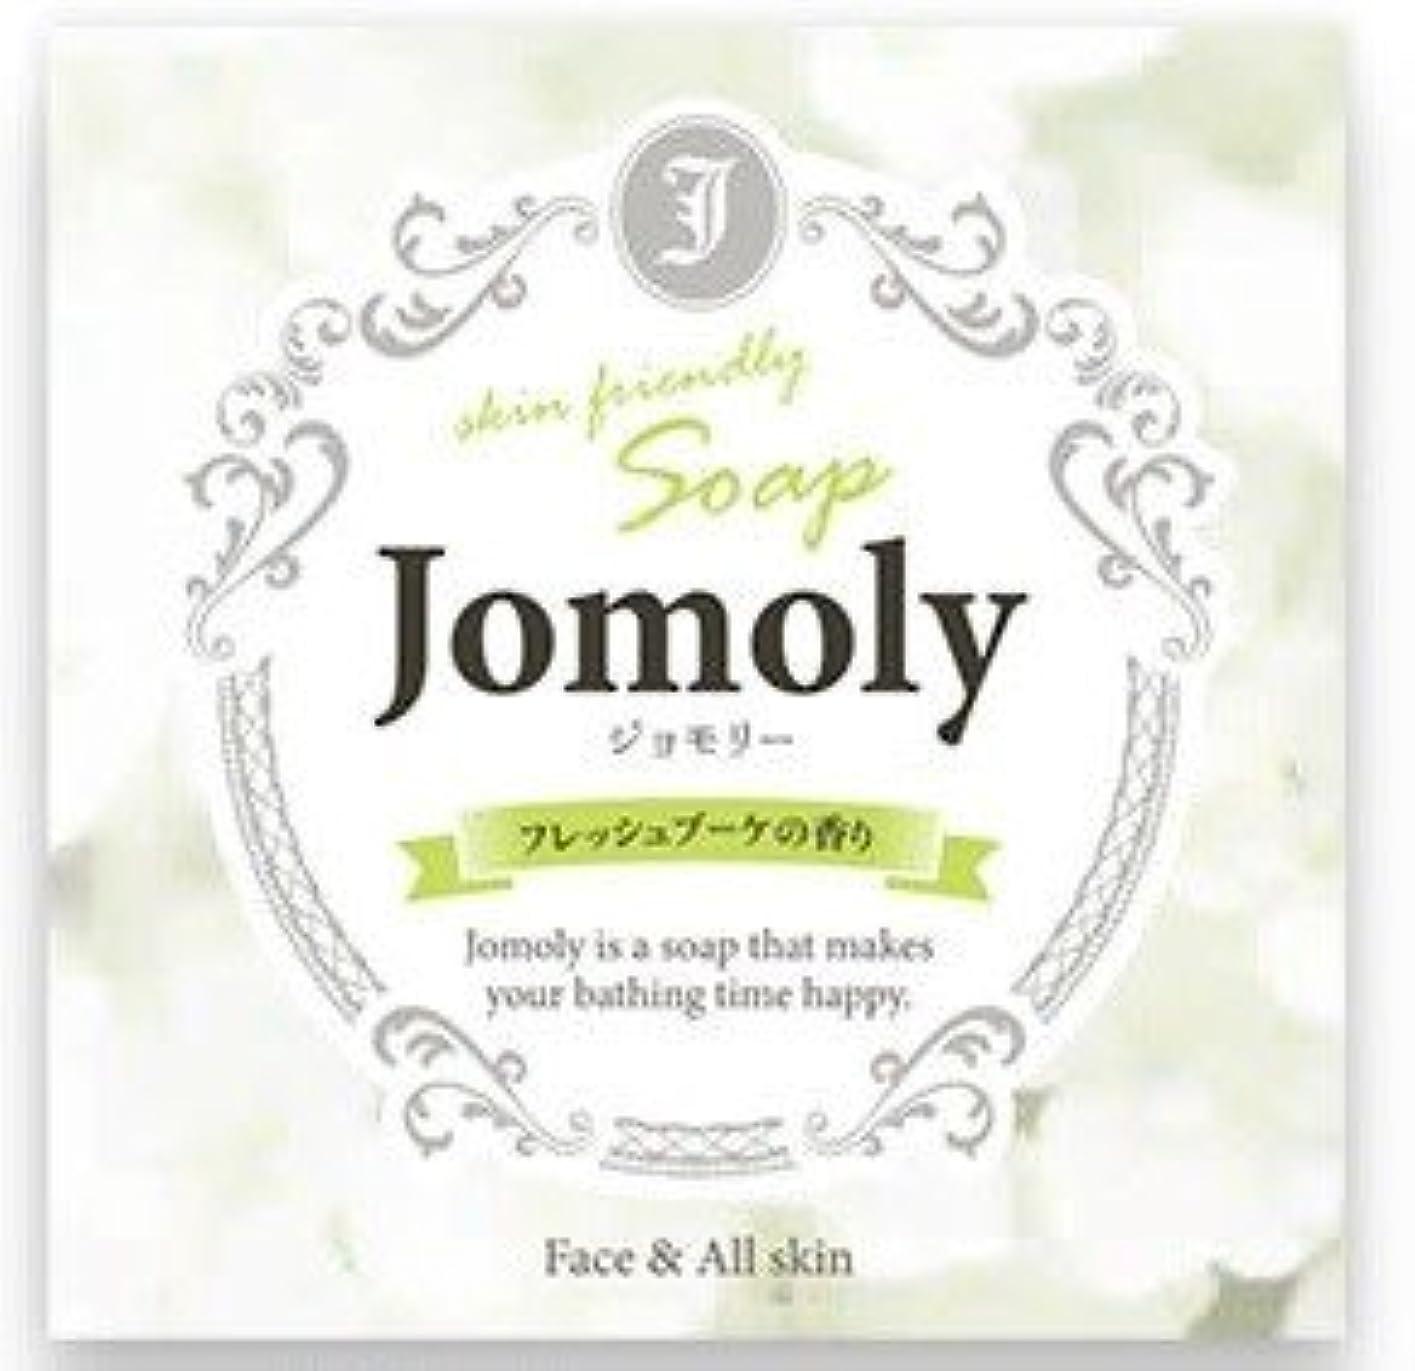 料理をする床鷲Jomoly(ジョモリー)80g